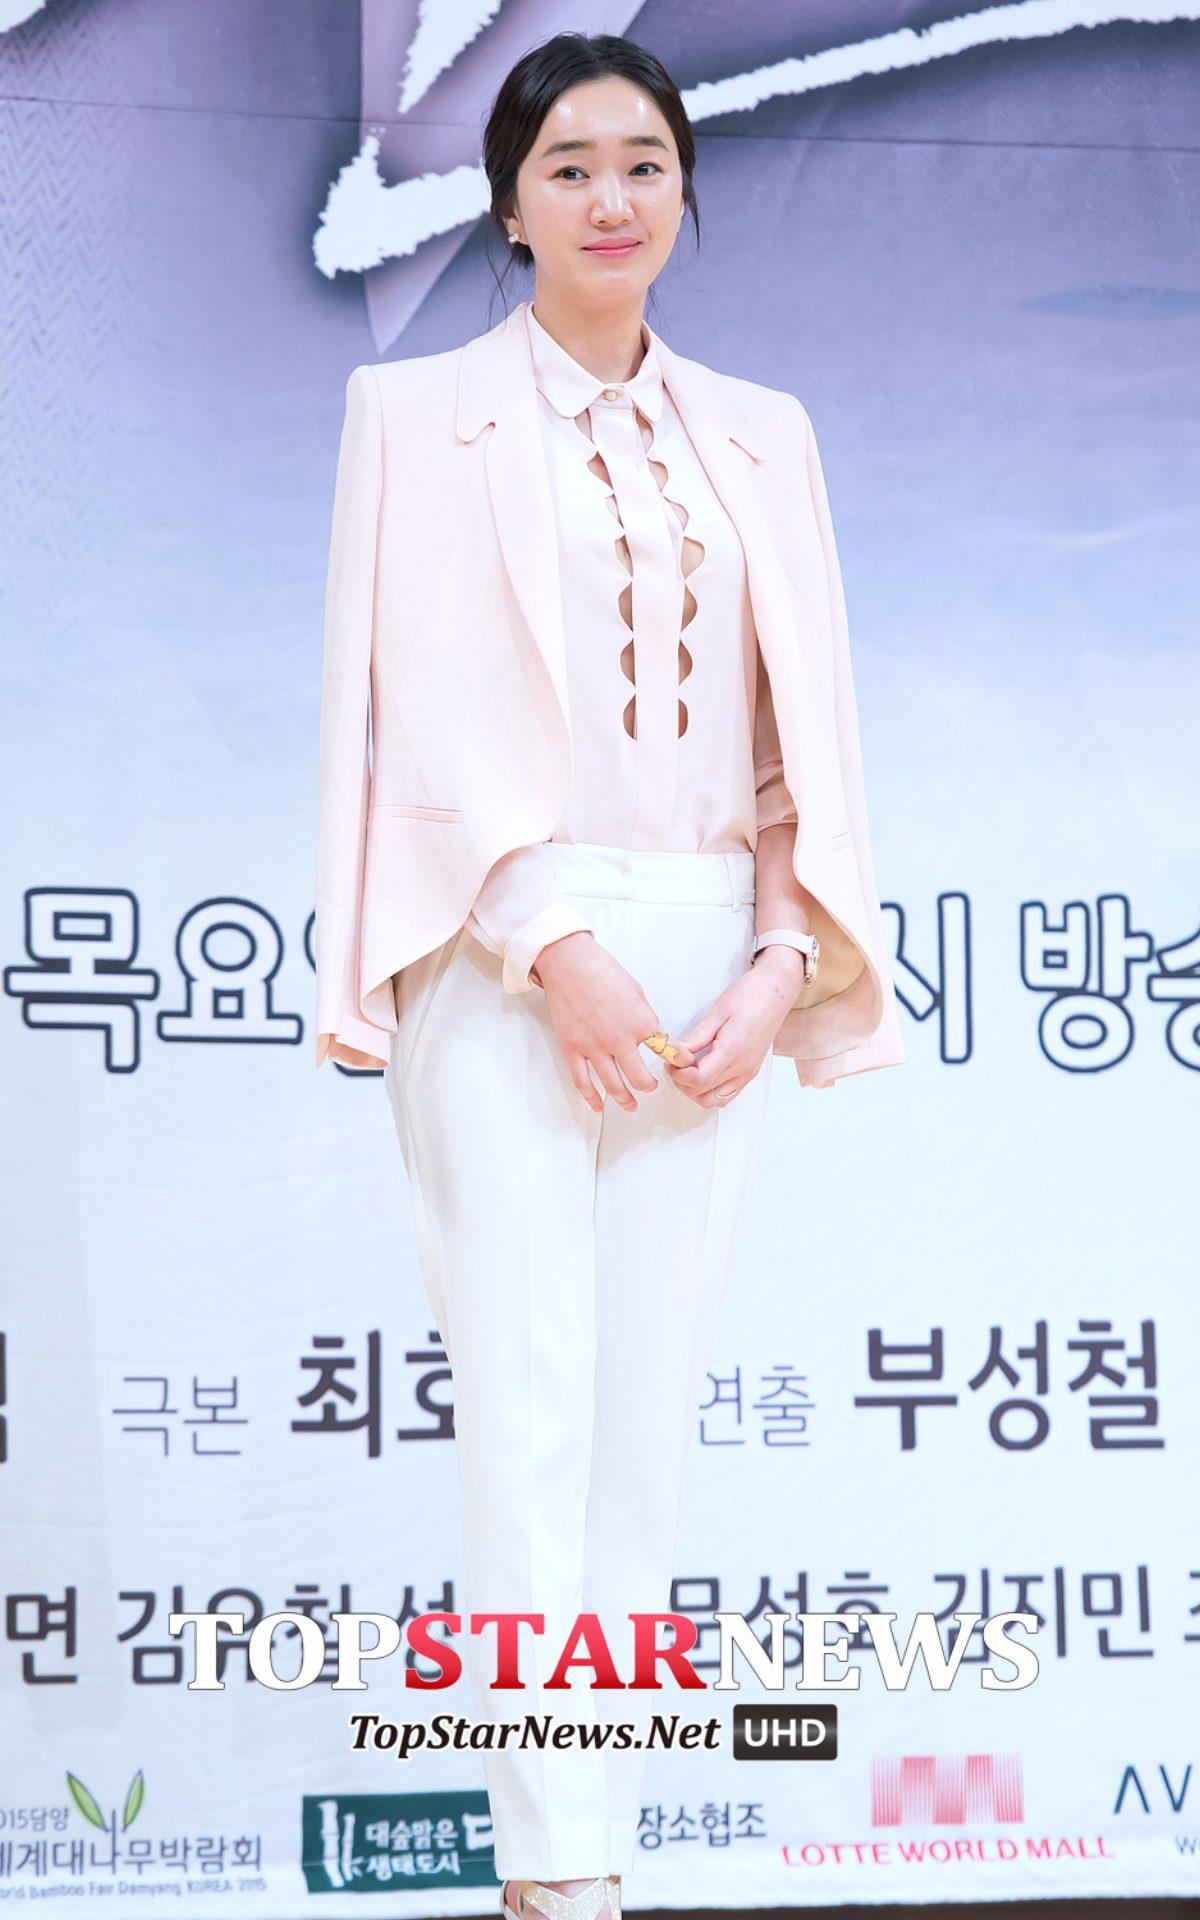 ➤ 秀愛 曾經當了6個月的歌手練習生,準備以RAPPER身分出道,但經紀公司認為她有當演員的潛力,所以1999年在電視劇《學校2》中以演員身分出道。